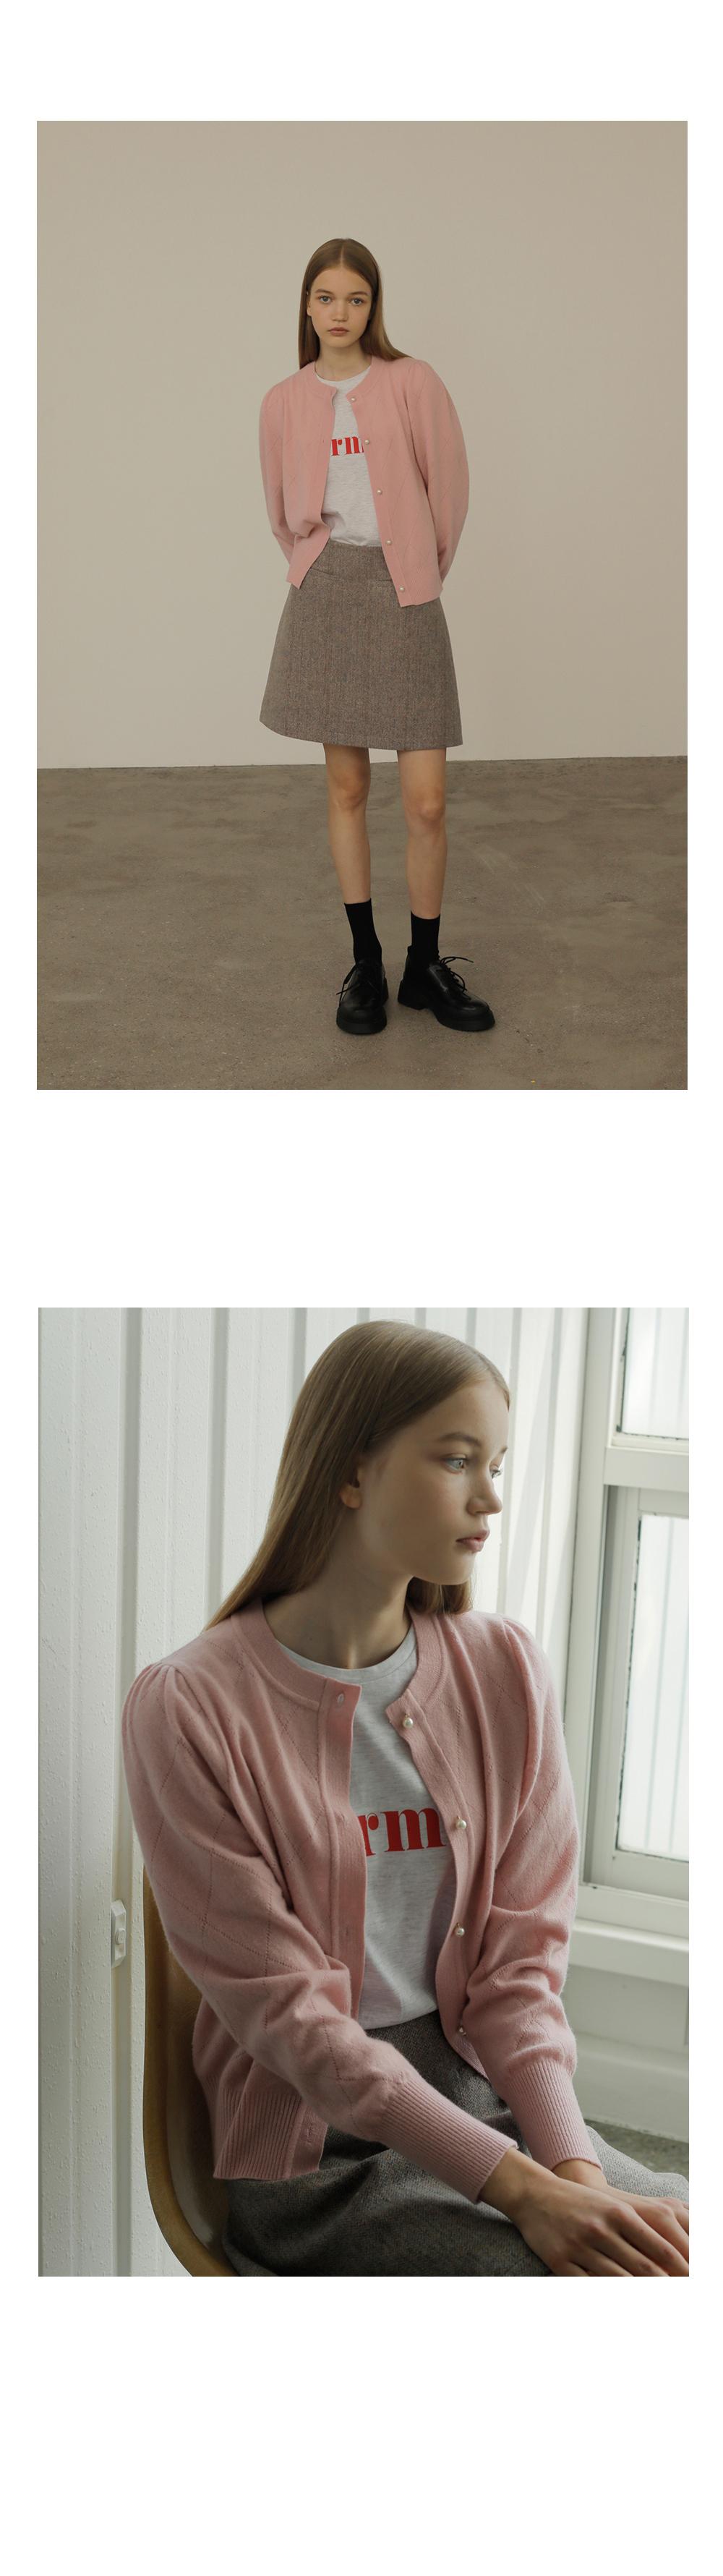 악세사리 모델 착용 이미지-S1L6